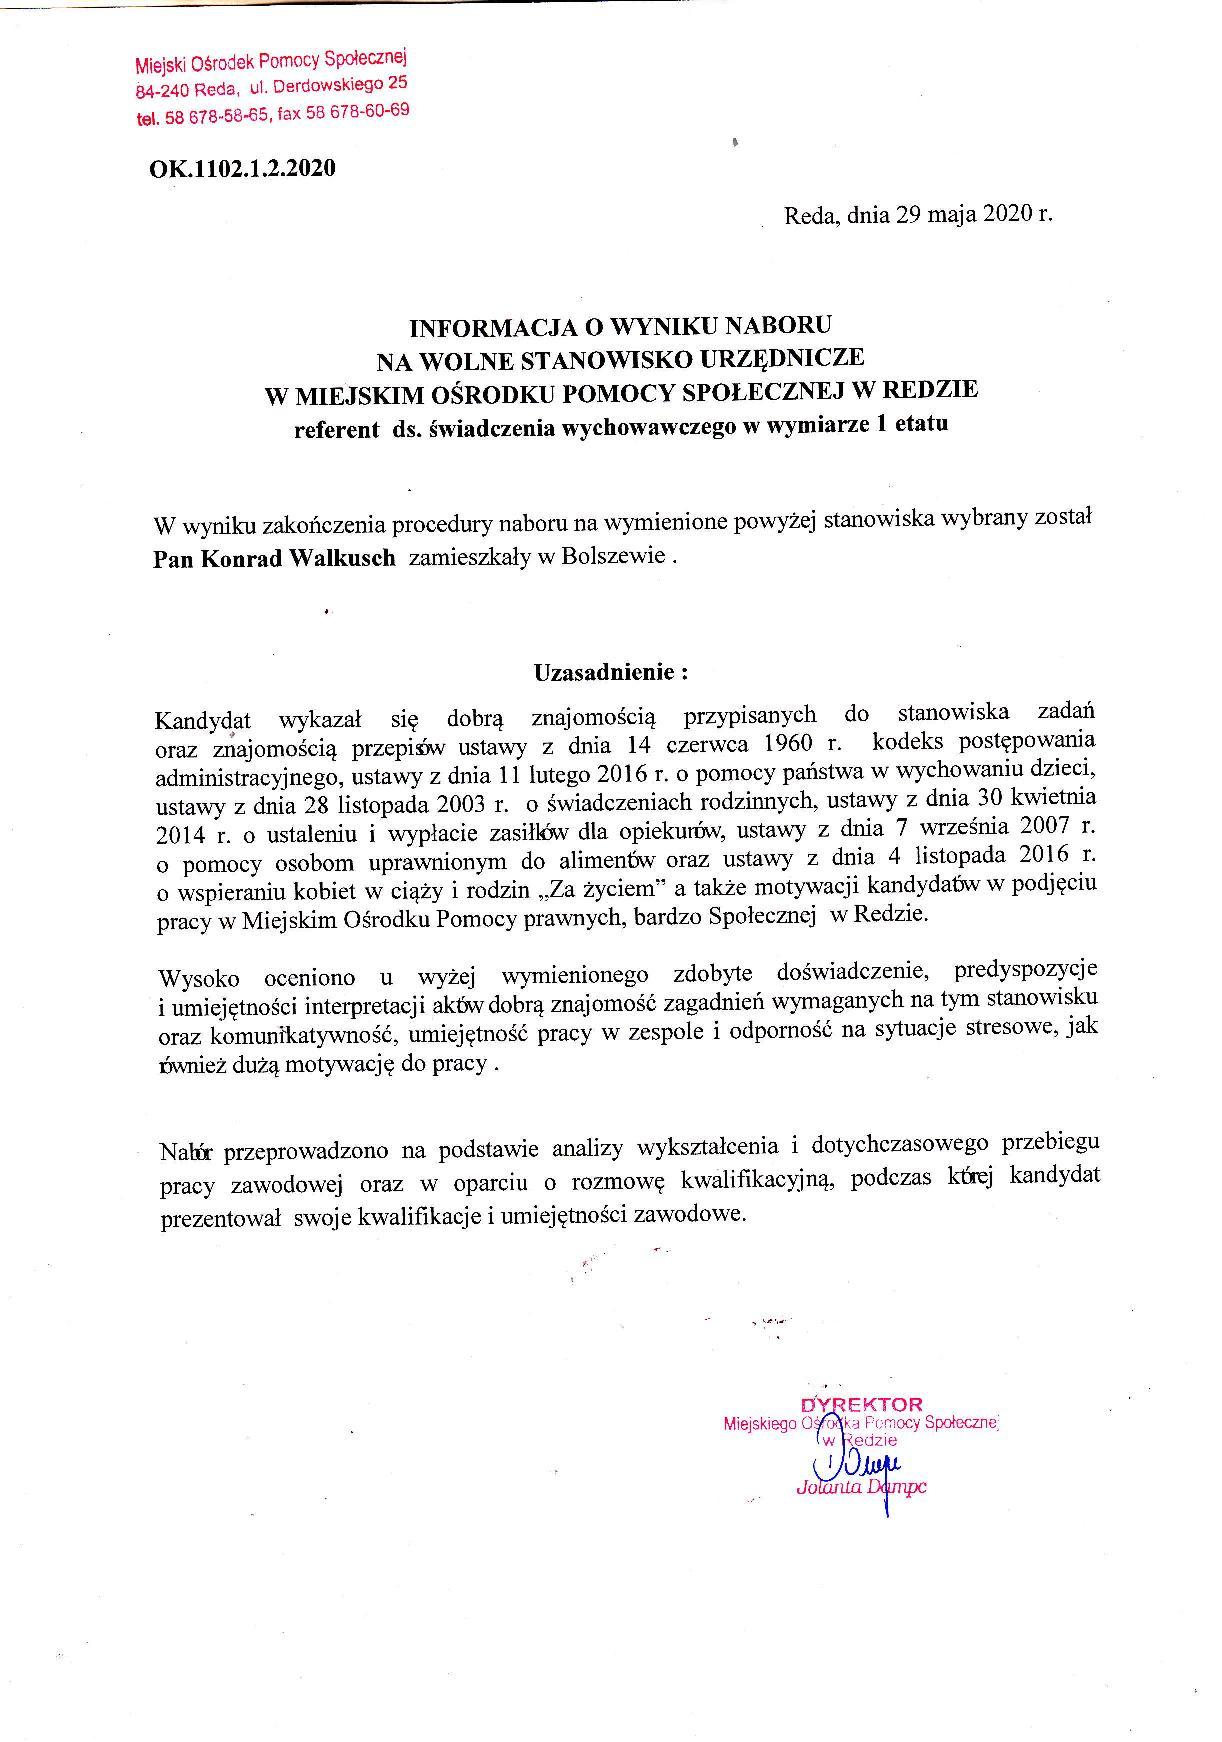 Informacja o wyniku naboru na wolne stanowisko urzędnicze w Miejskim Ośrodku pomocy Społecznej w Redzie – referent ds. świadczenia wychowawczego